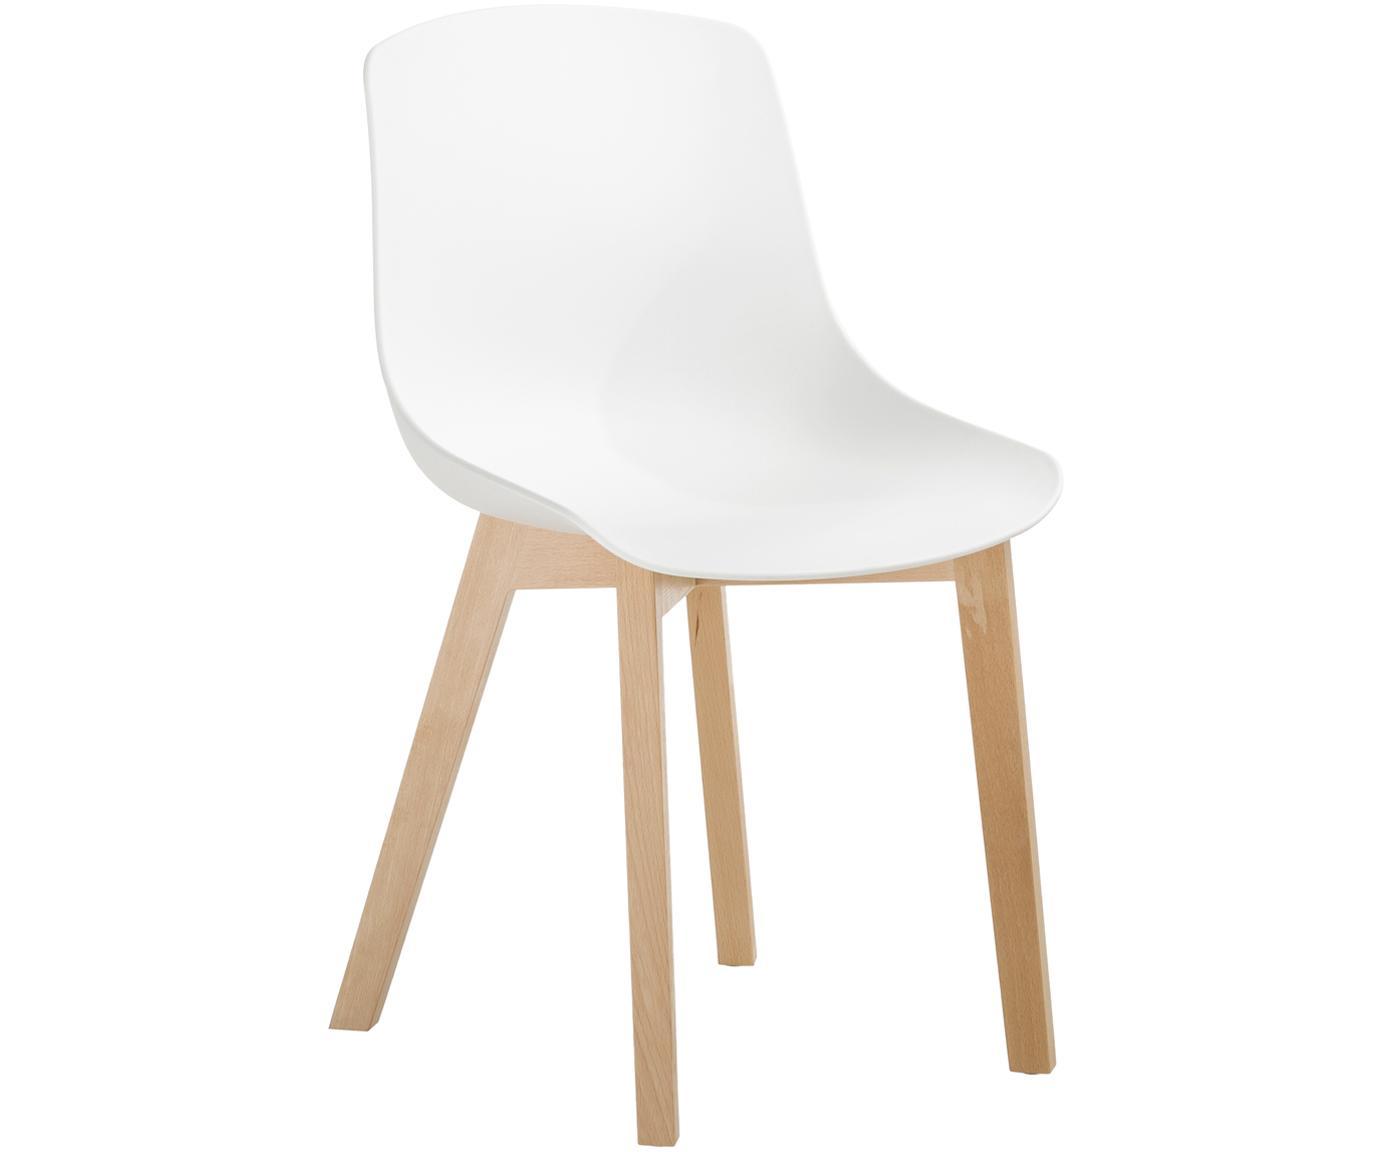 Sedia in plastica con gambe in legno Joe 2 pz, Seduta: materiale sintetico, Gambe: legno di faggio Il legno , Bianco, Larg. 46 x Alt. 52 cm